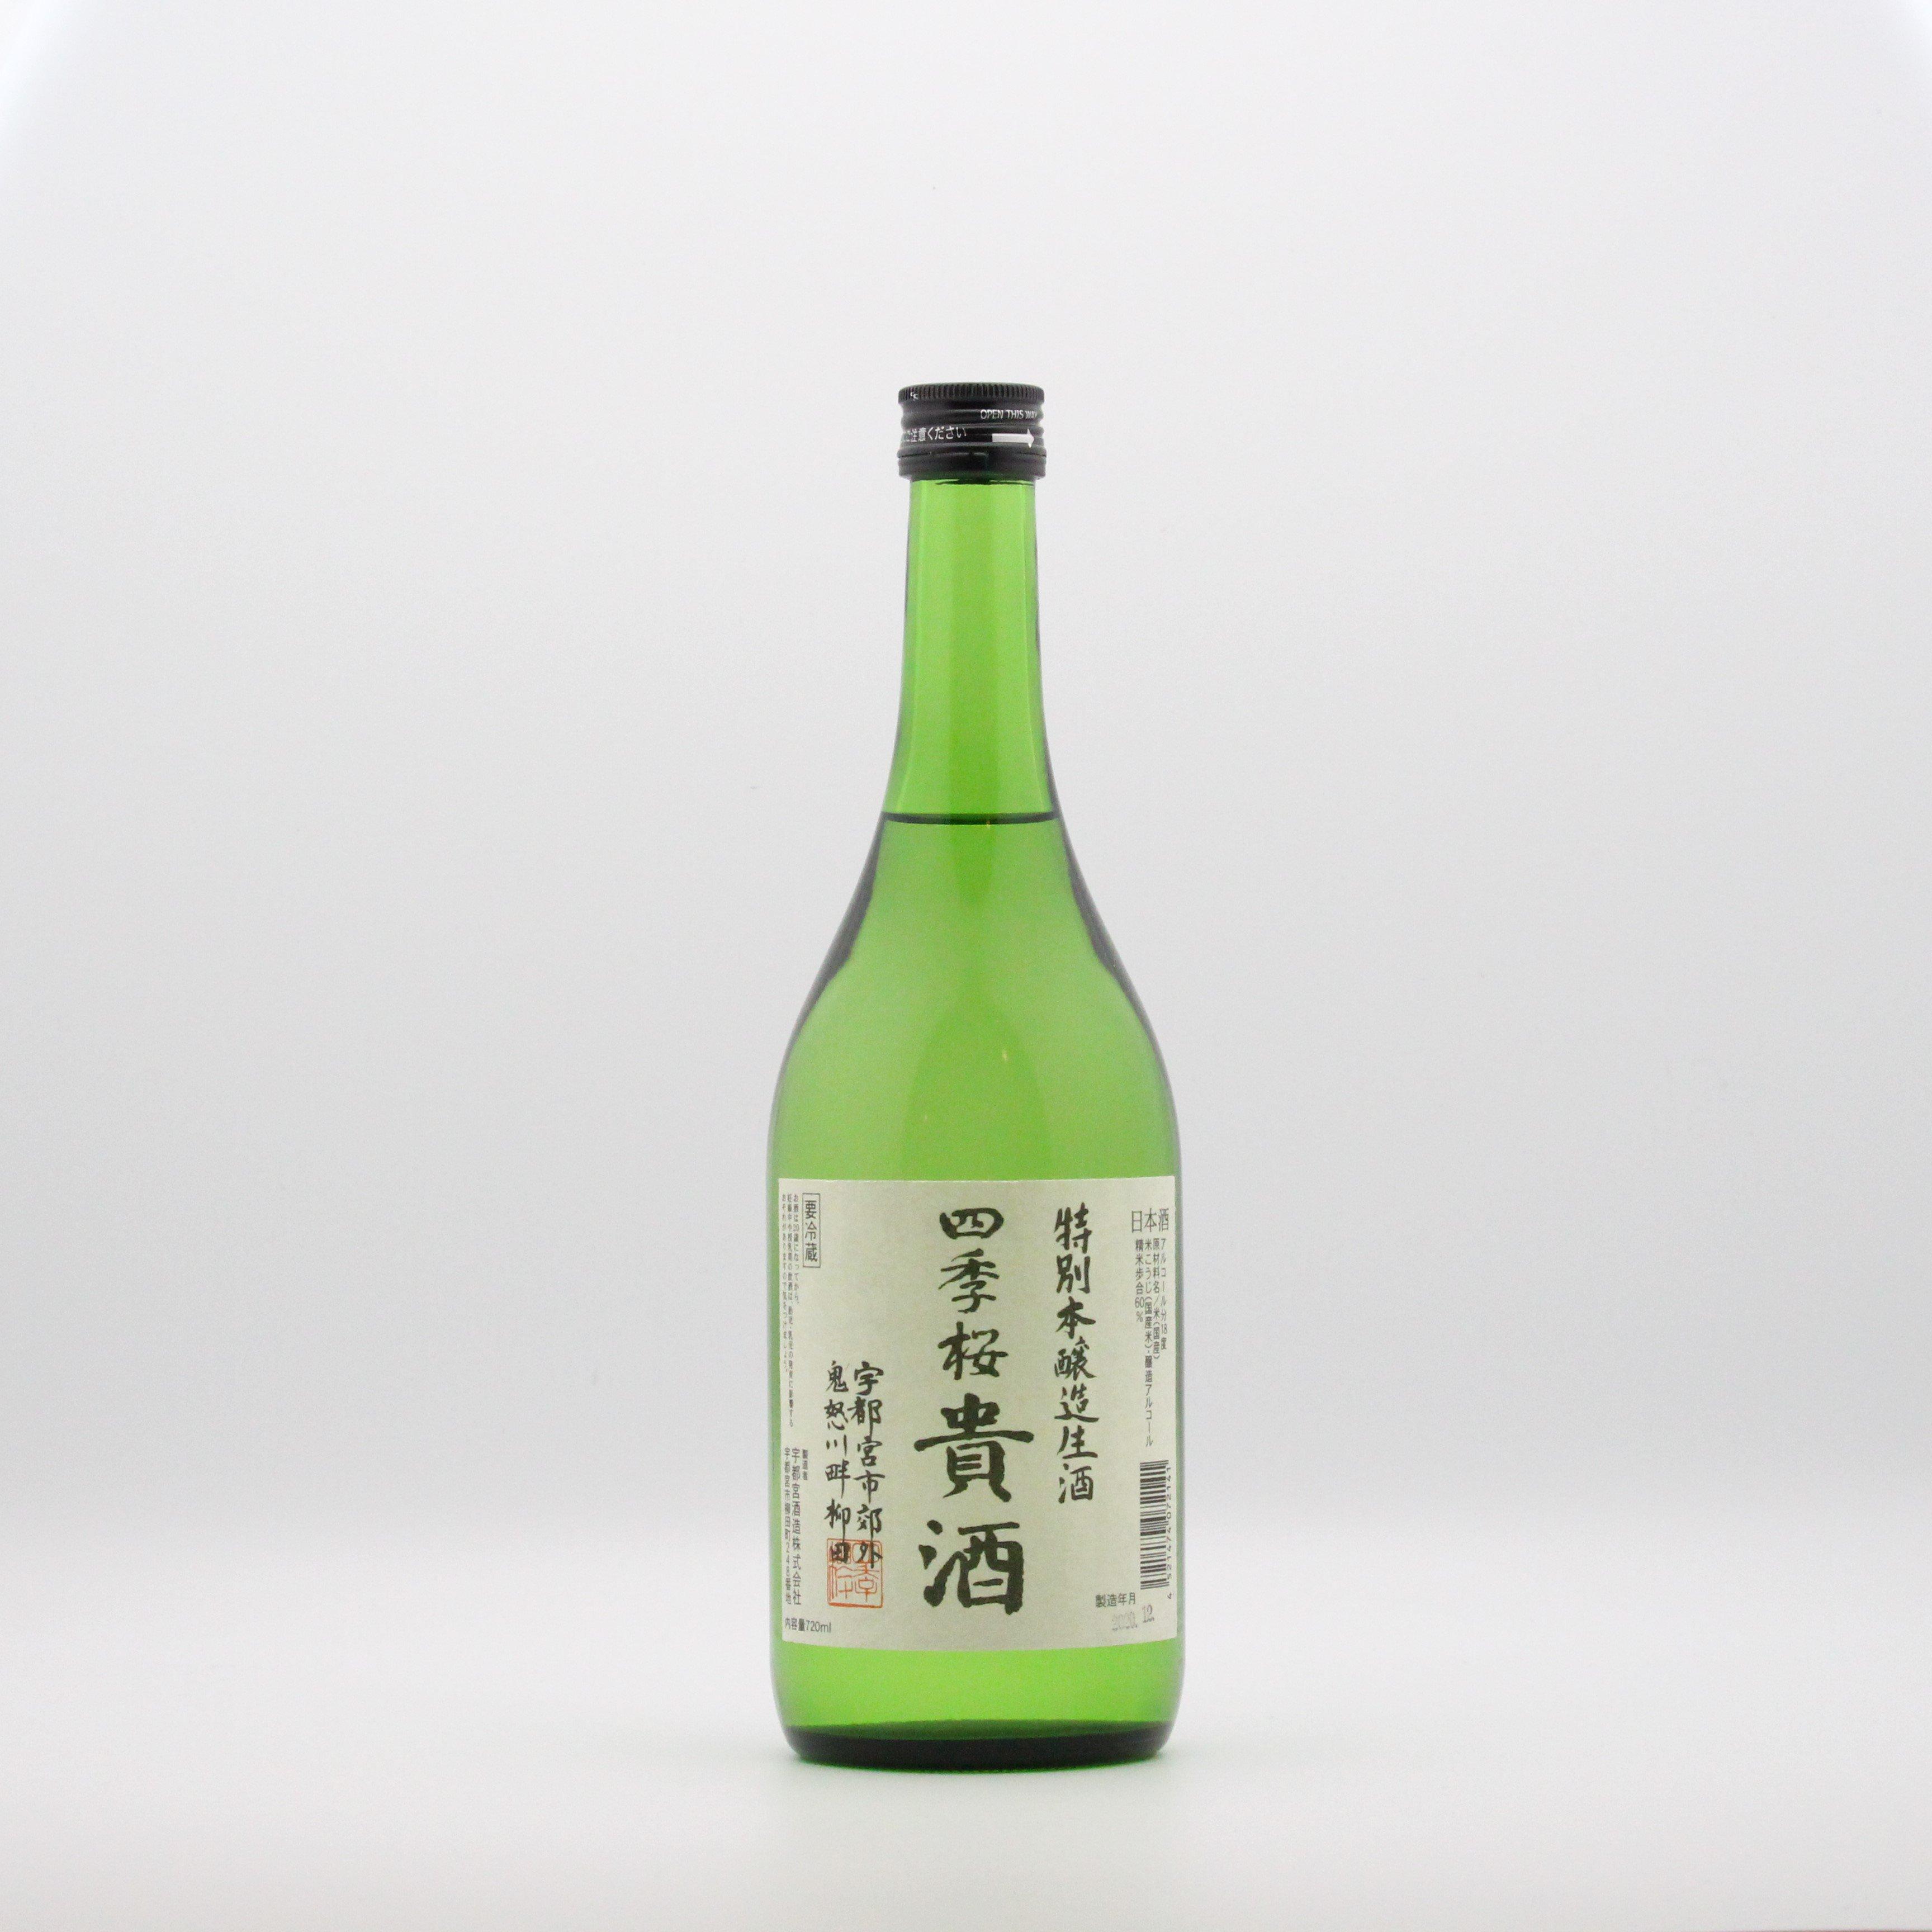 宇都宮酒造/貴酒 特別本醸造生酒 720ml